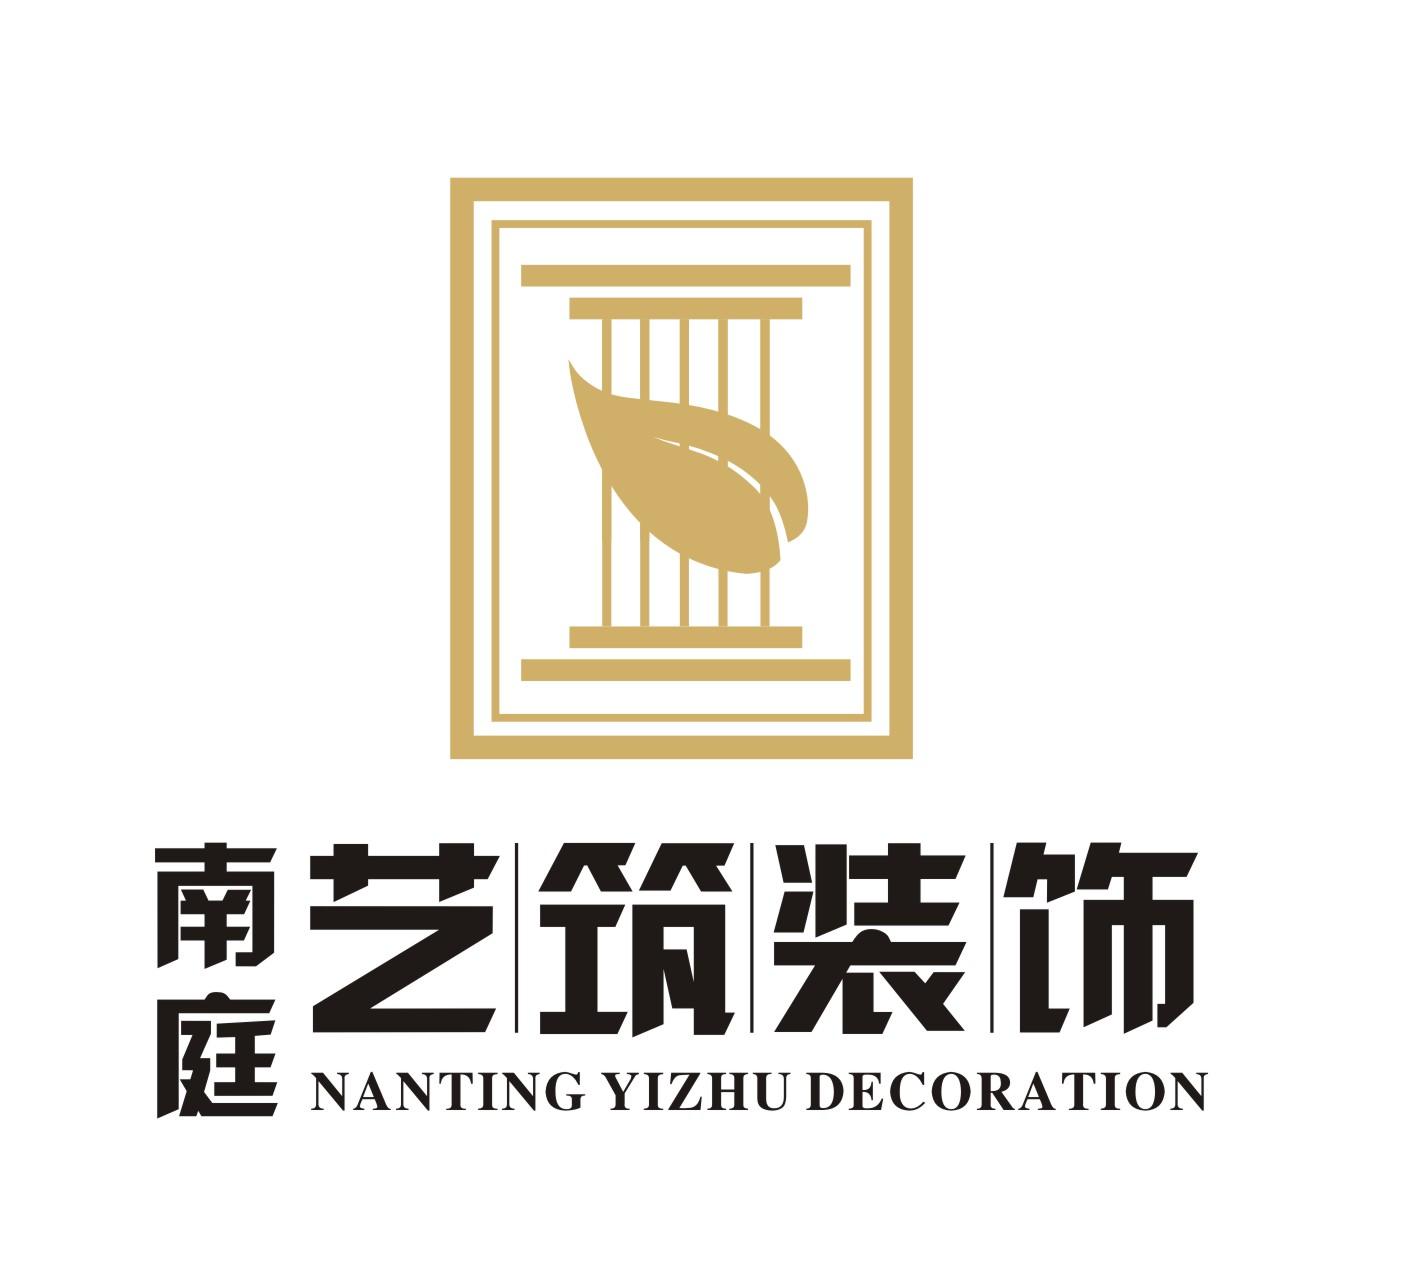 广西南庭艺筑装饰工程设计有限公司 - 南宁装修公司